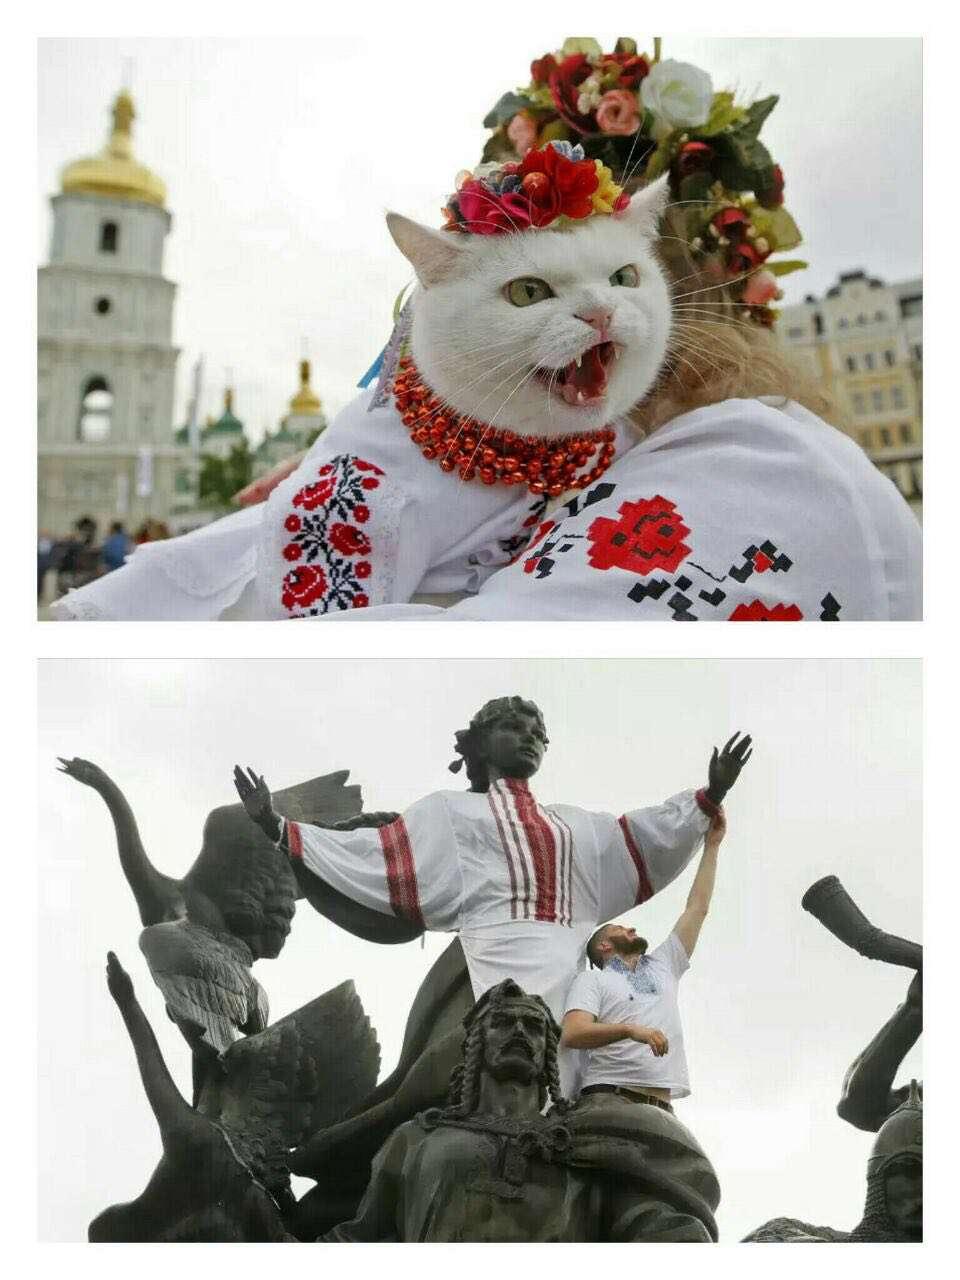 پوشاندن لباس های سنتی اوکراینی به گربه در جریان یک جشن ملی در میدان صوفیه کی یف